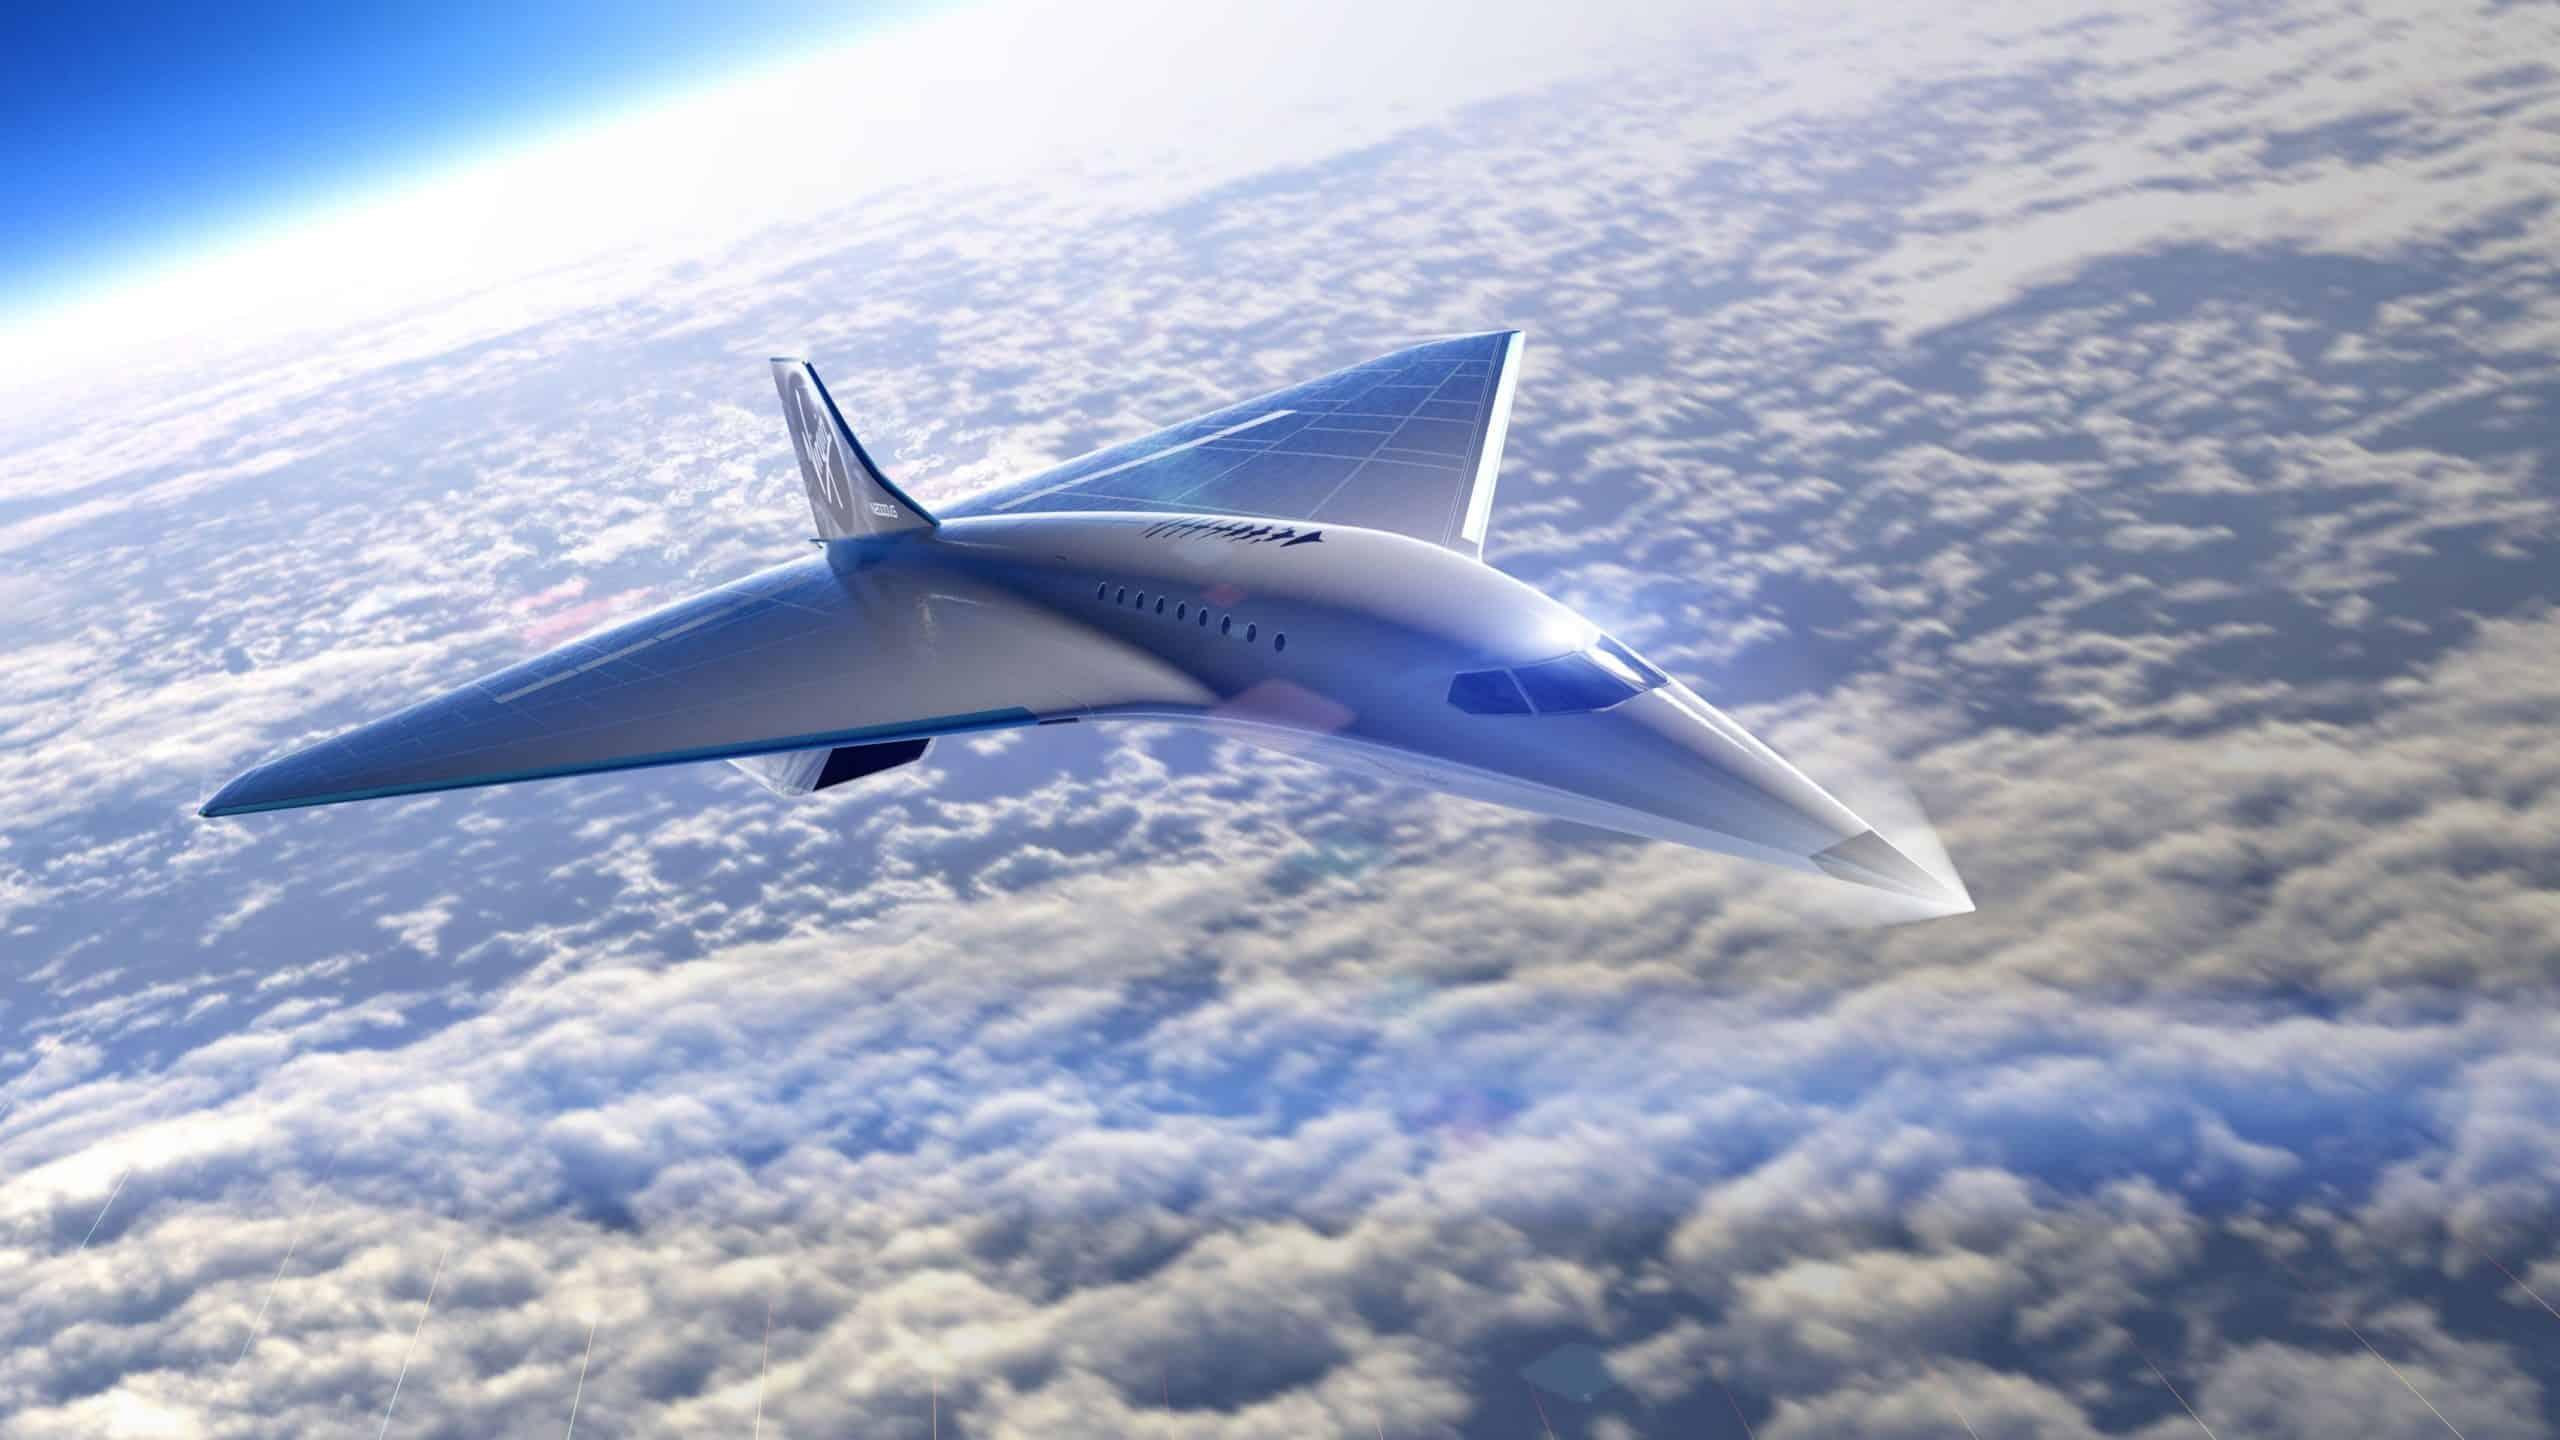 Tvrtka Virgin Galactic predstavila novu letjelicu za super-brza putovanja